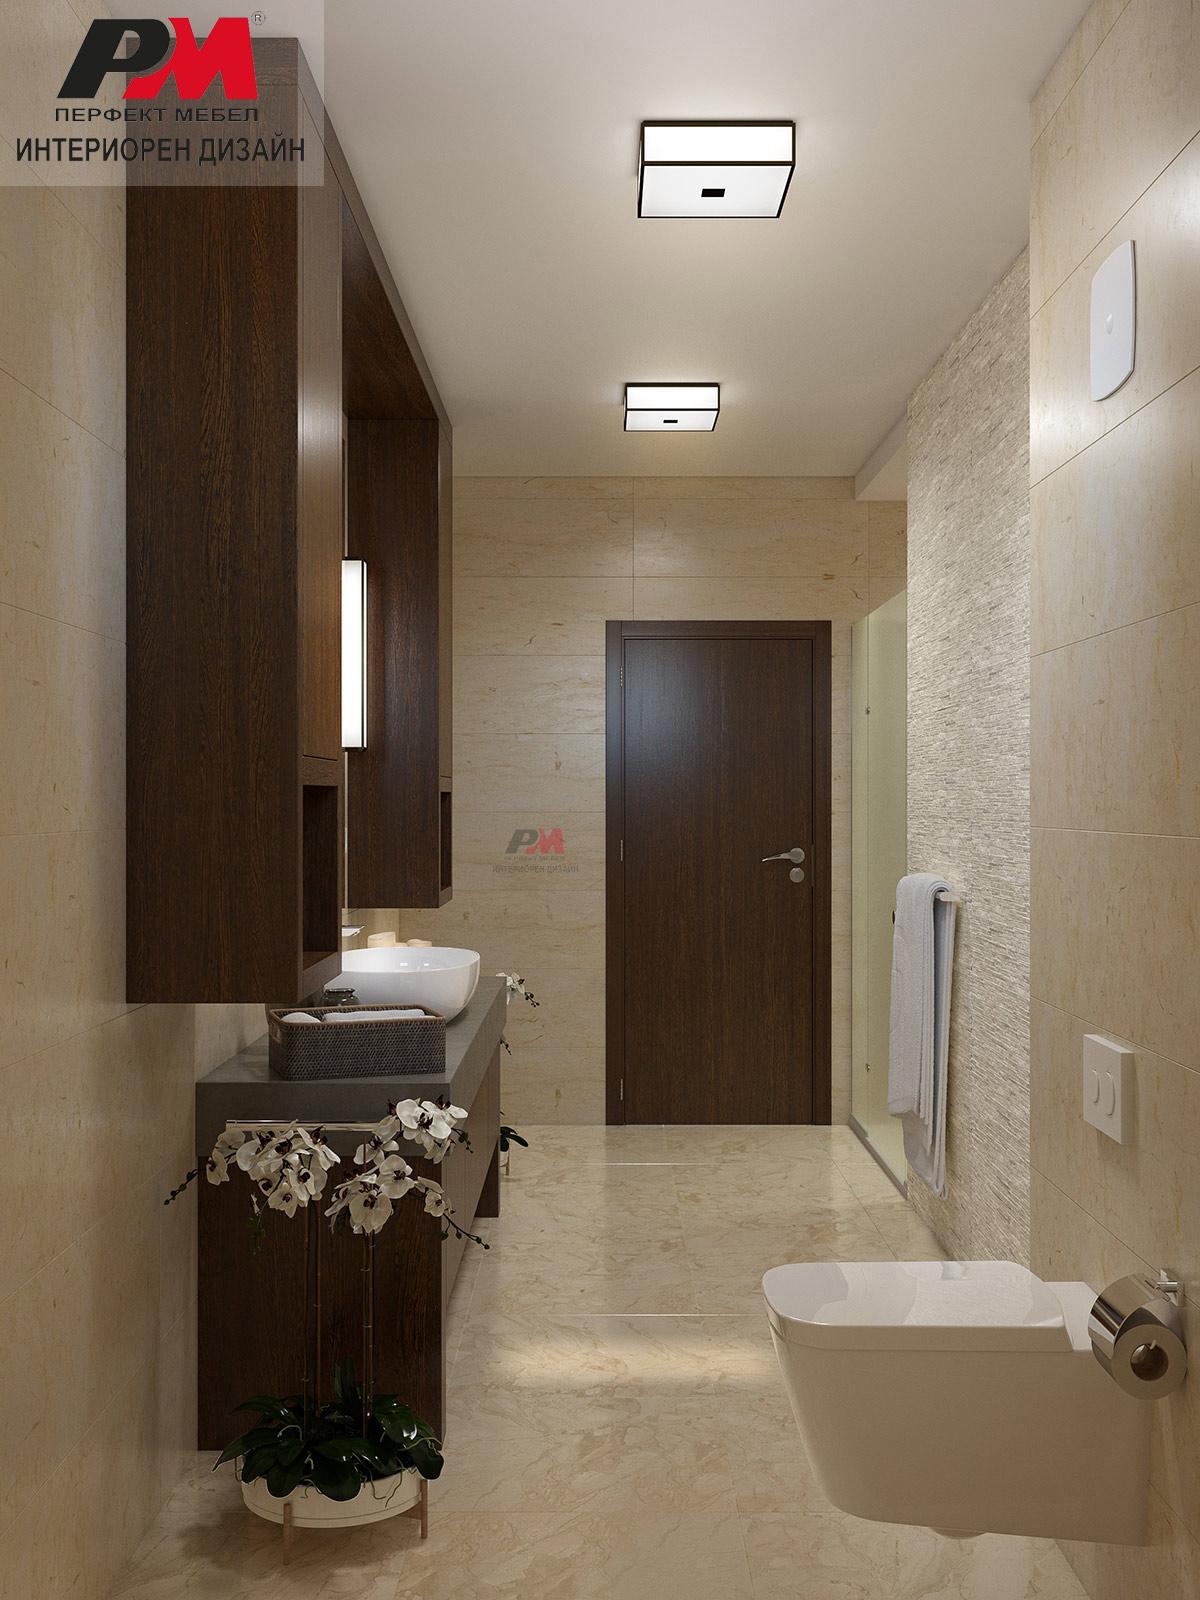 Интериорен дизайн на баня в стилно графично звучене